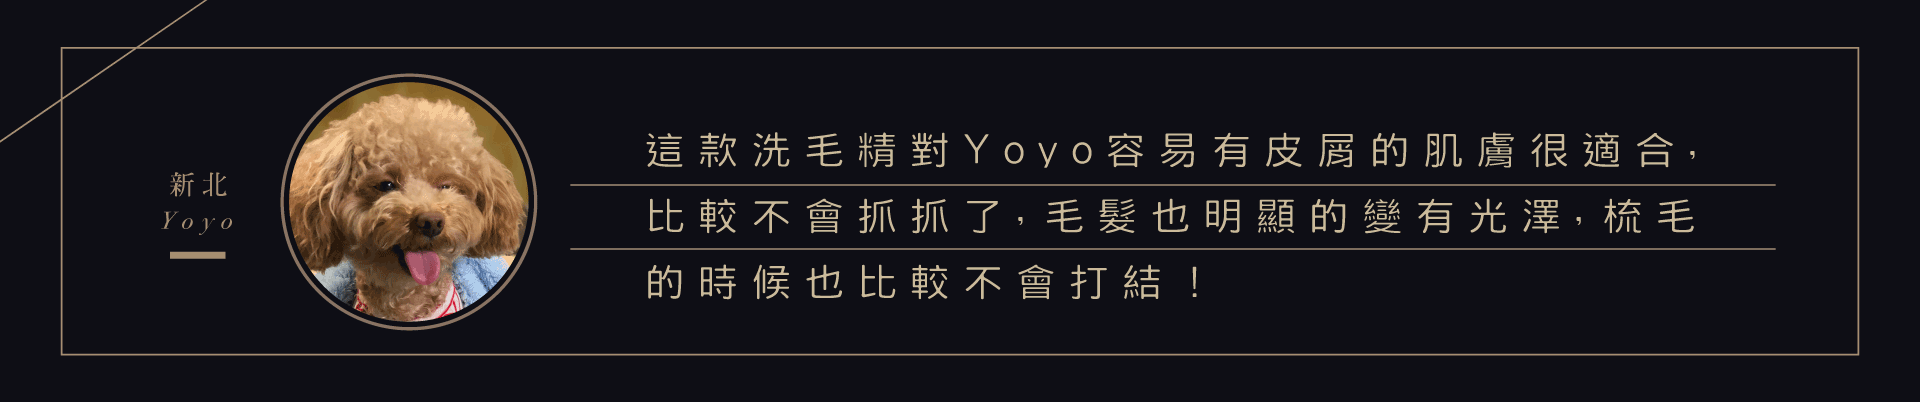 新北的Yoyo是迷你貴賓狗,這款洗毛精對貴賓犬容易有皮屑的皮屑的肌膚很適合,洗完後Yoyo比較不會抓抓了,毛髮也明顯地變有光澤,梳毛的時候也比較不會打結了。